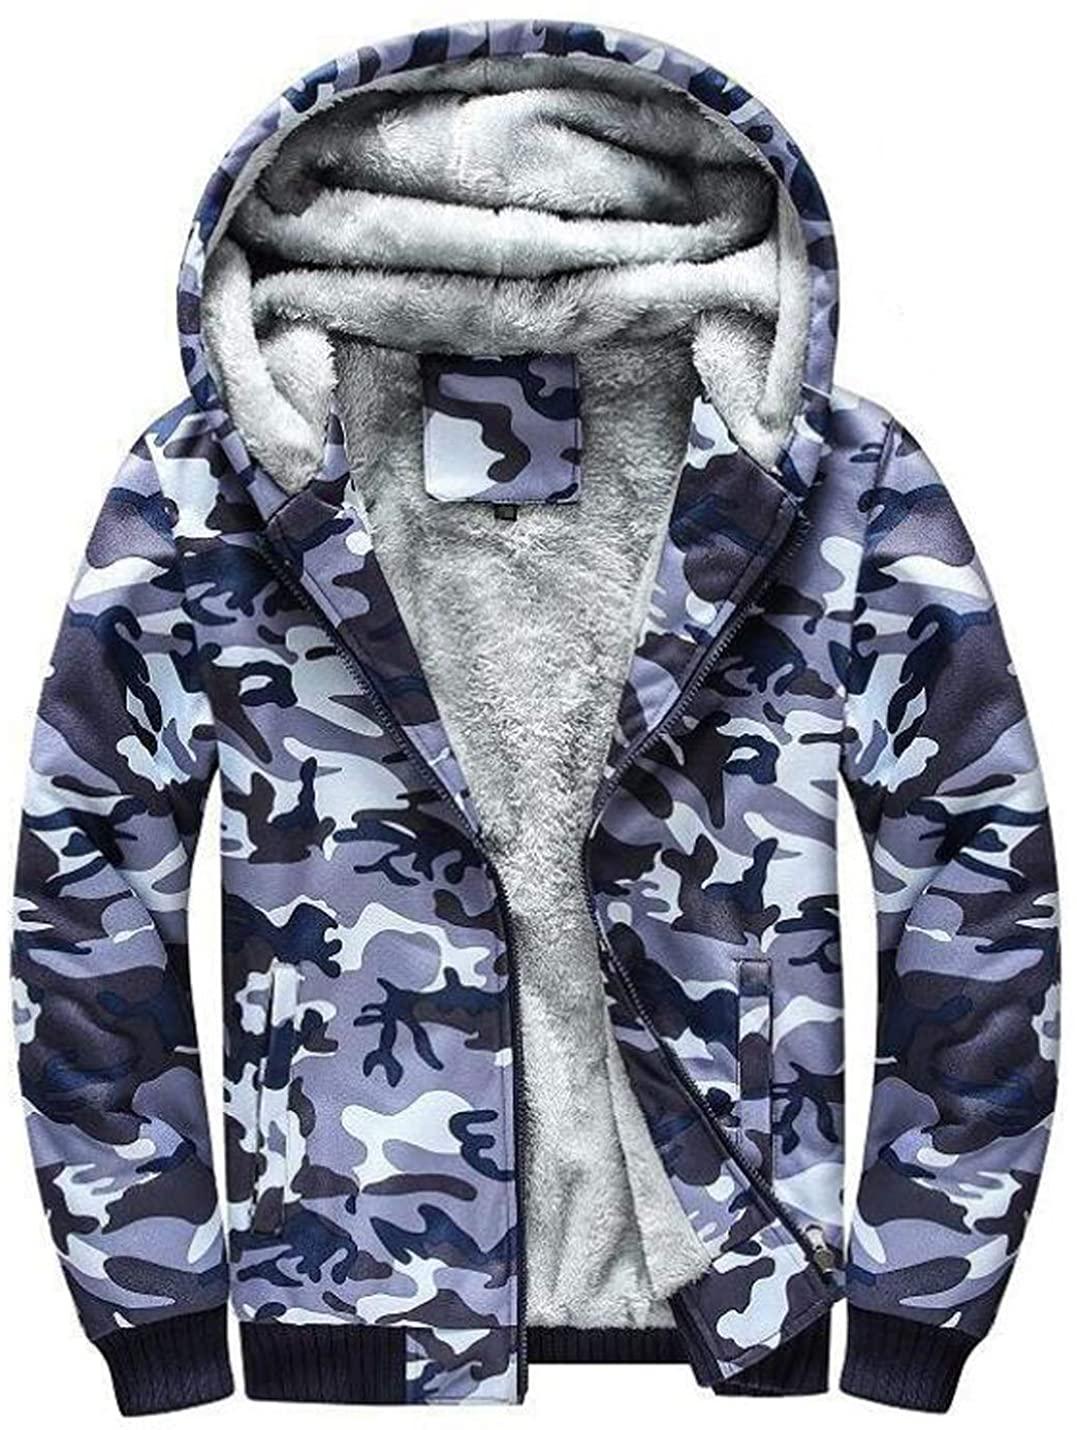 D.B.M Men's Winter Plus Velvet Padded Zipper Hooded Warm Sweater Jacket